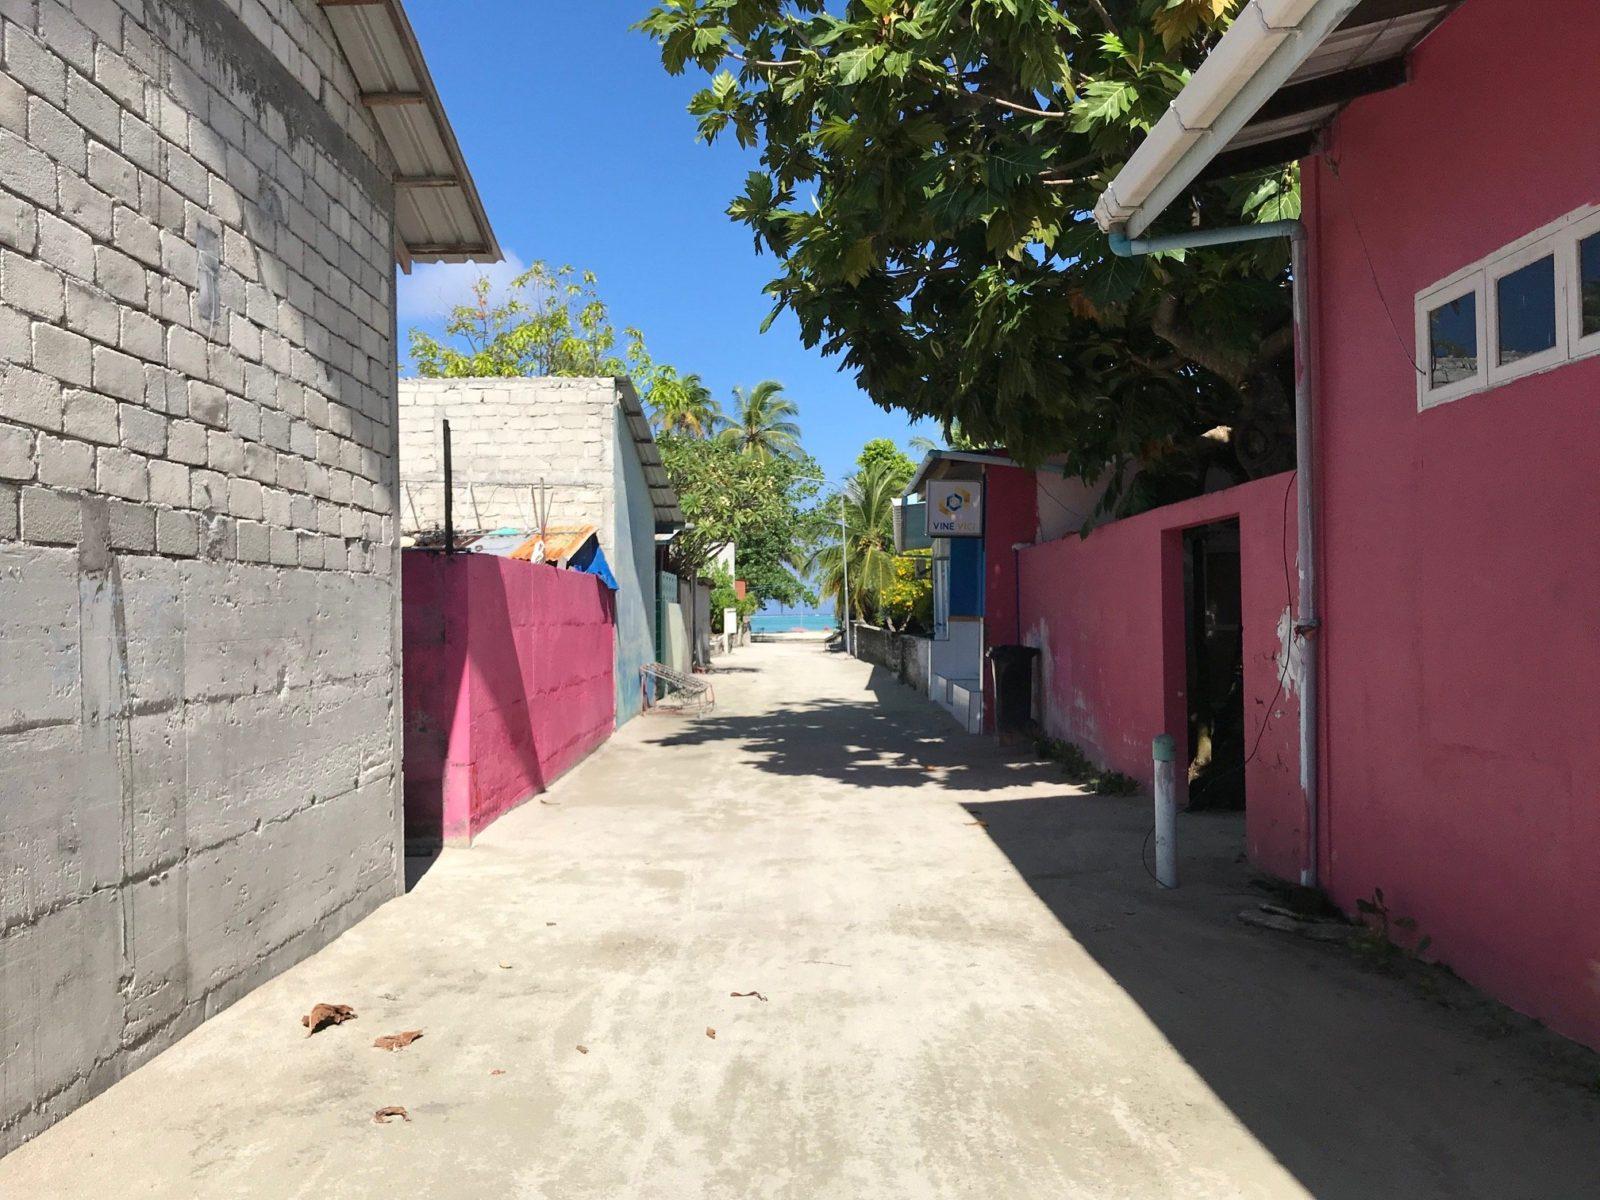 улицы острова Мативери, Мальдивы